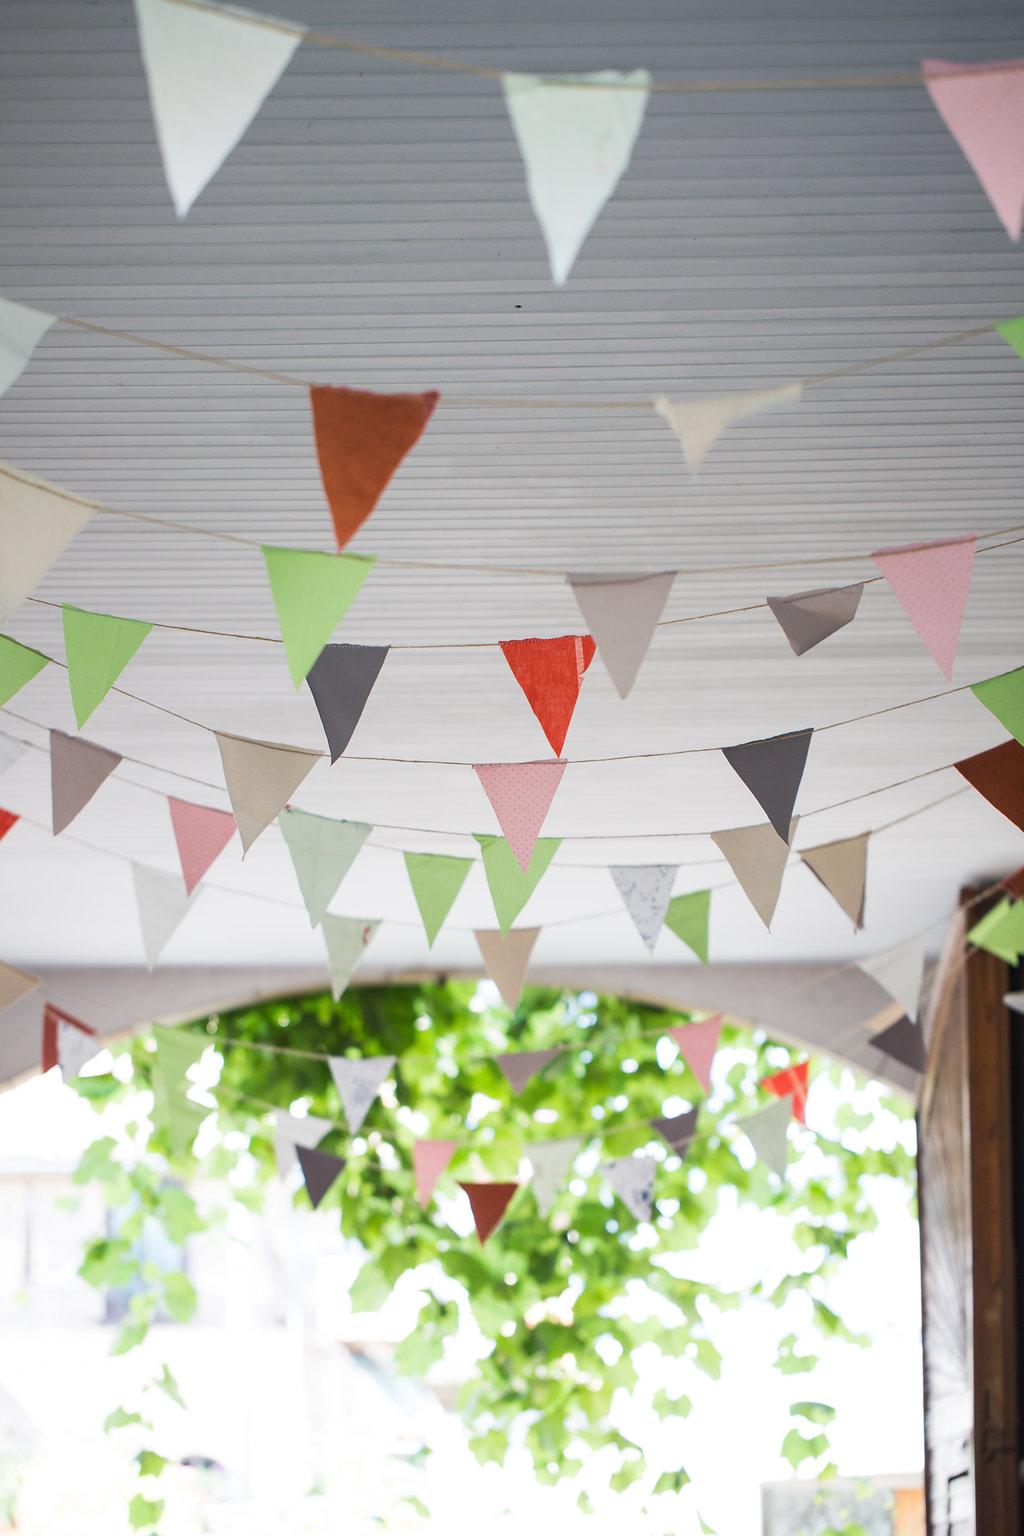 Wimpelkette hOchzeit bunt, bunte Wimpelkette DIY Hochzeit